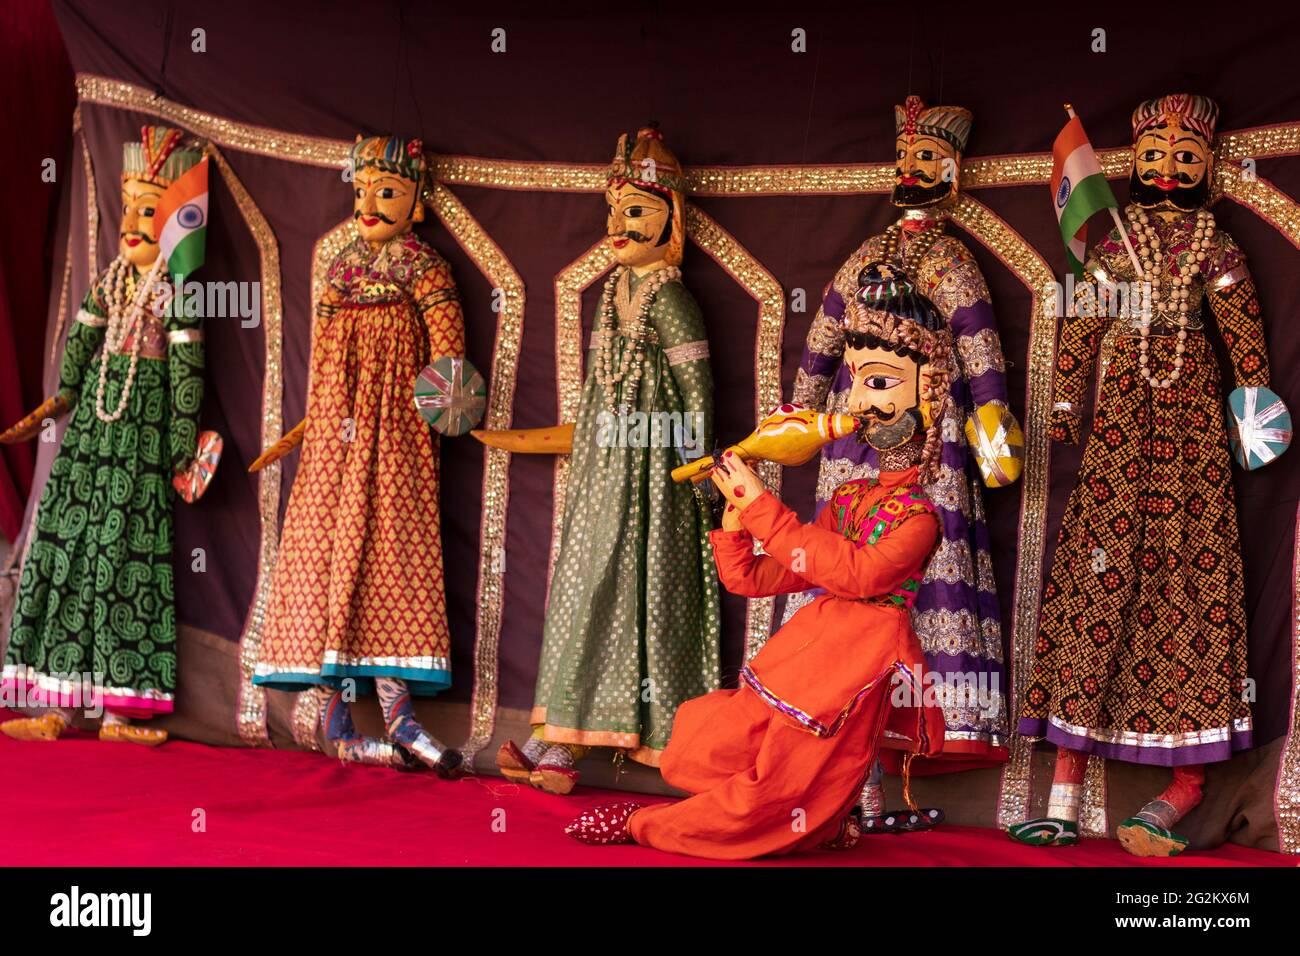 Rajasthani Katputli hecho a mano o Puppet en el Palacio de la Ciudad de Jaipur. Foto de stock